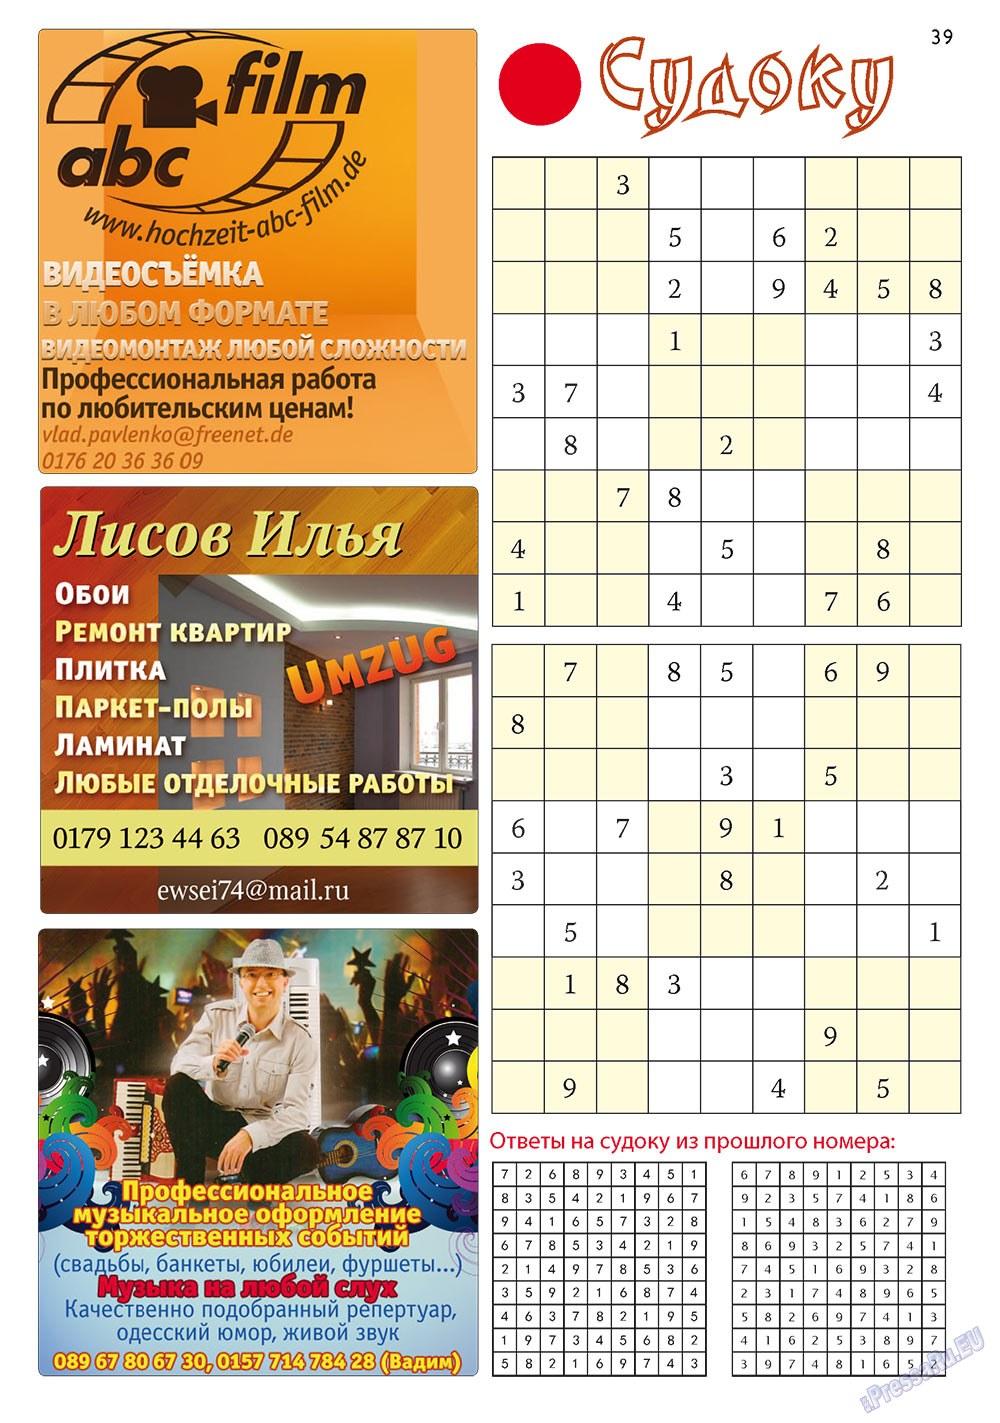 Апельсин (журнал). 2011 год, номер 20, стр. 39